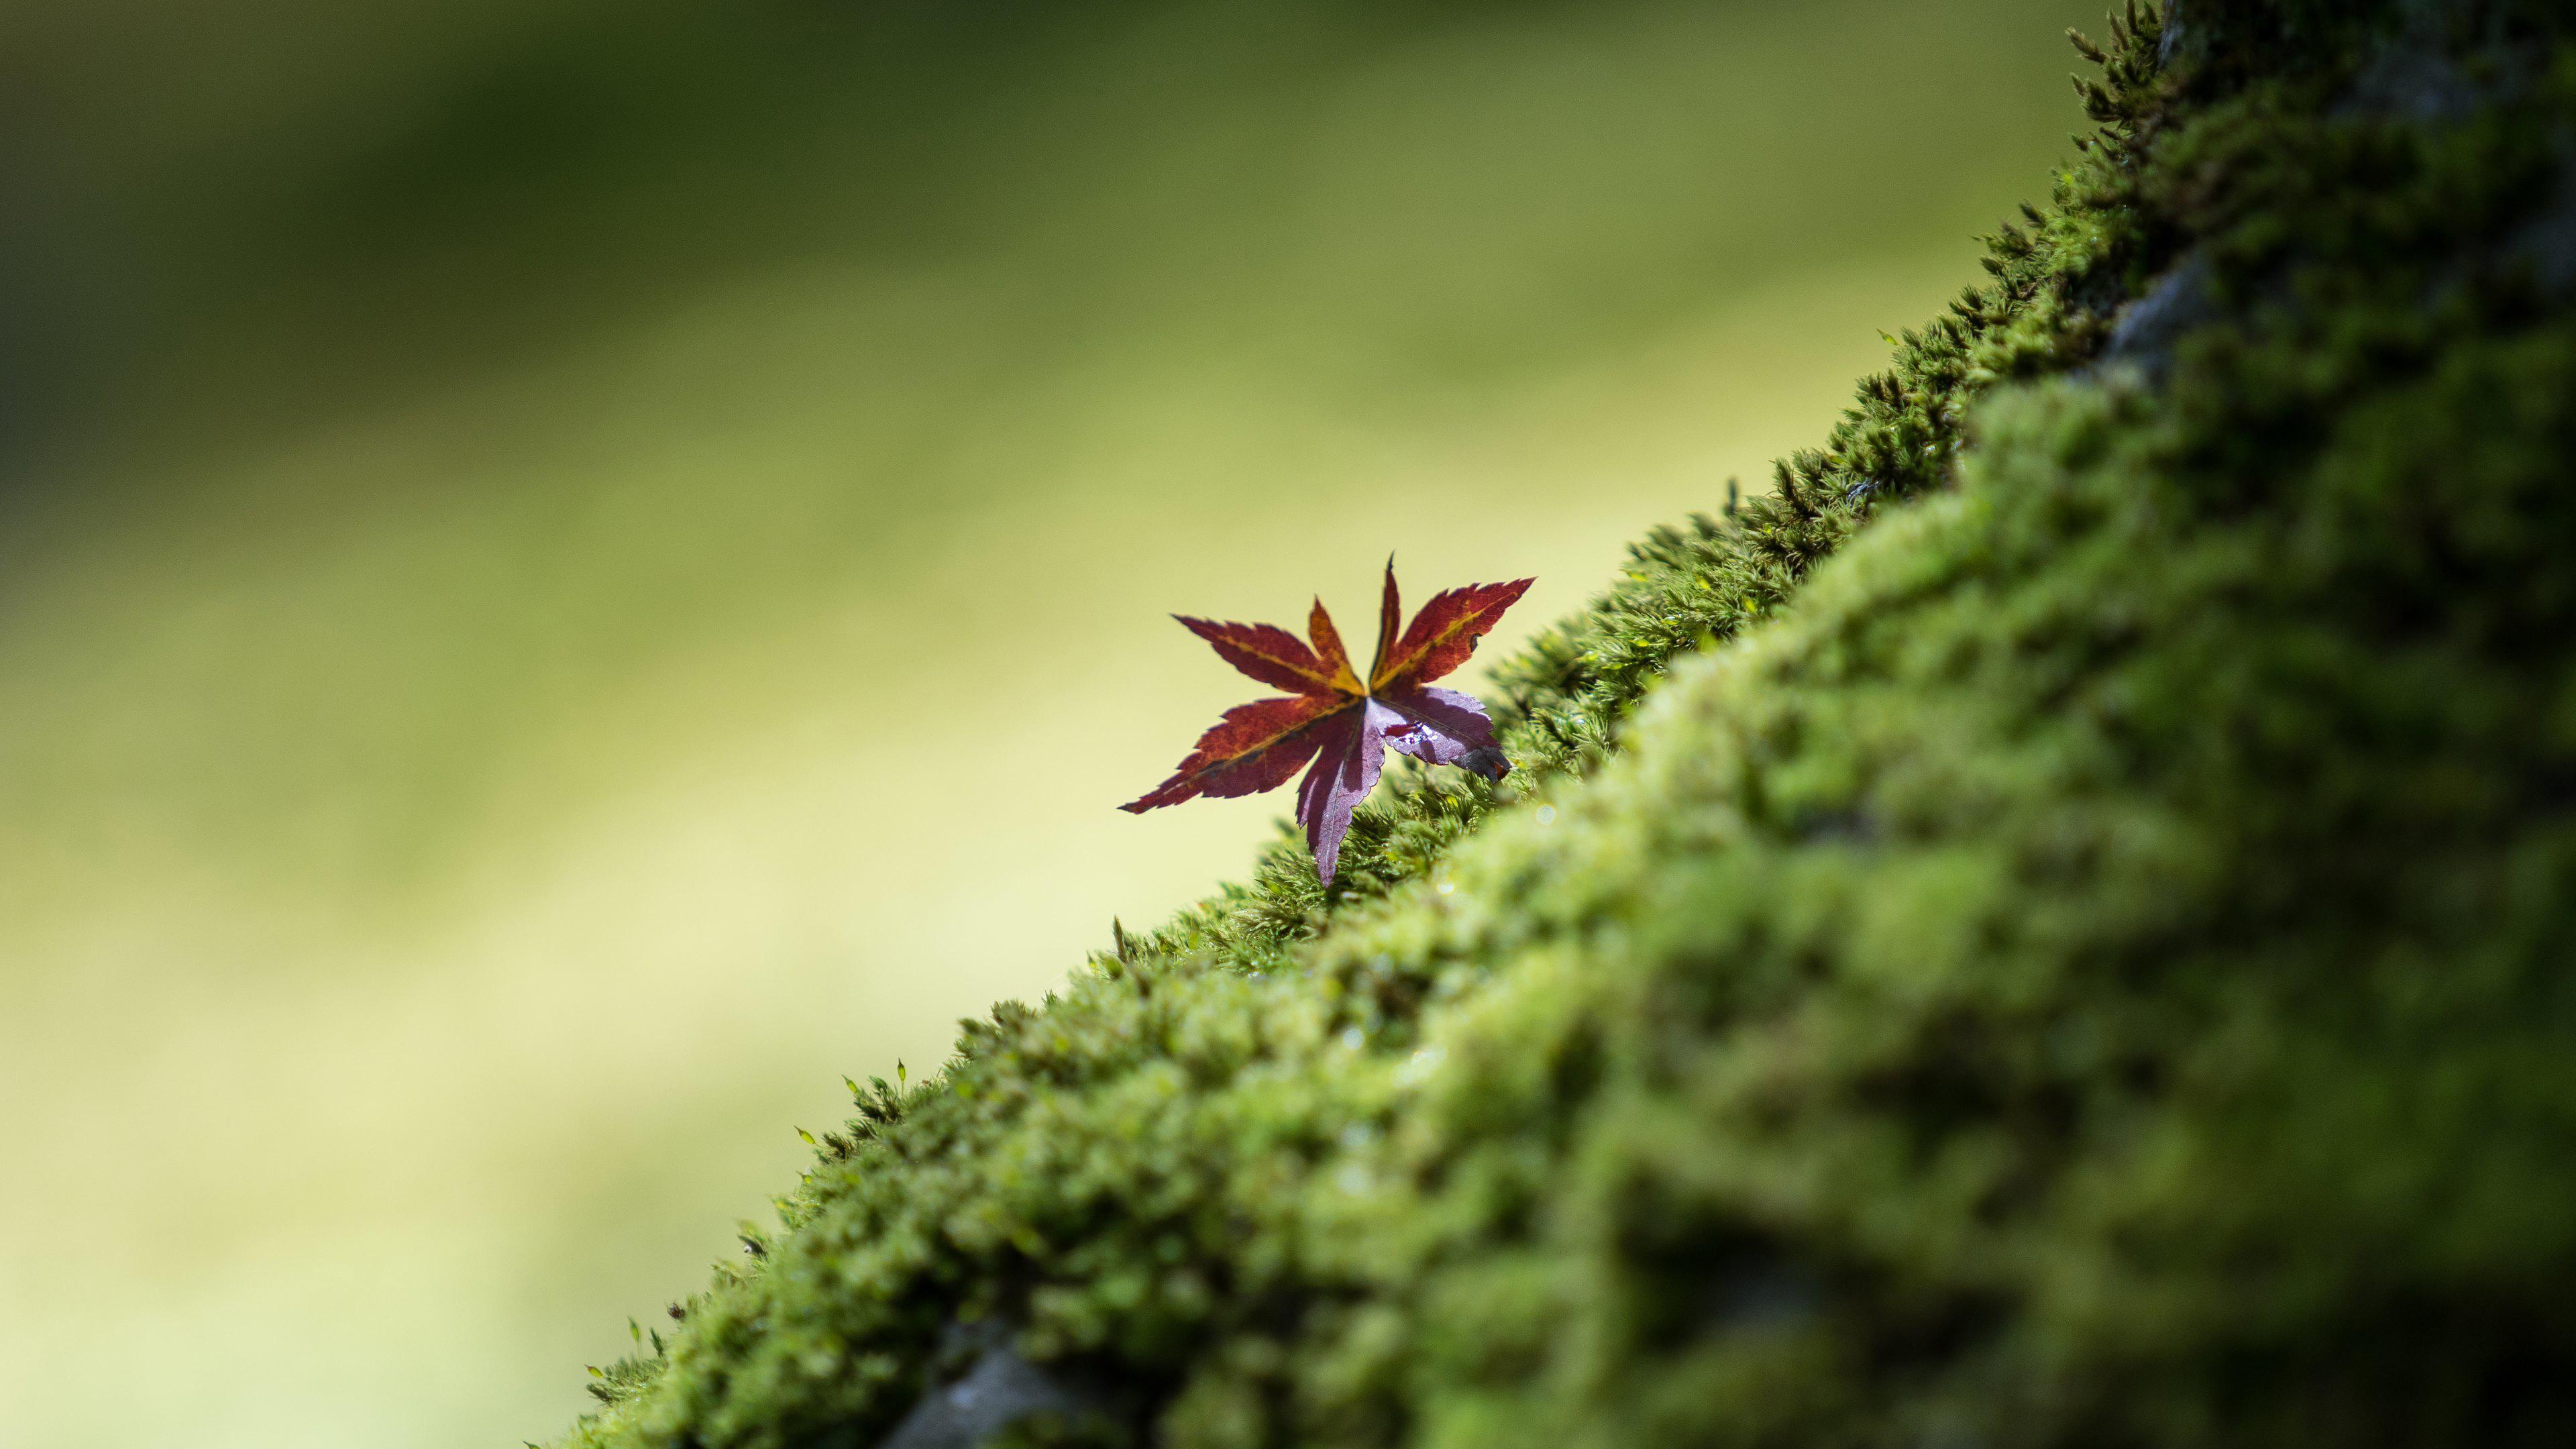 Багряный лист кленовый